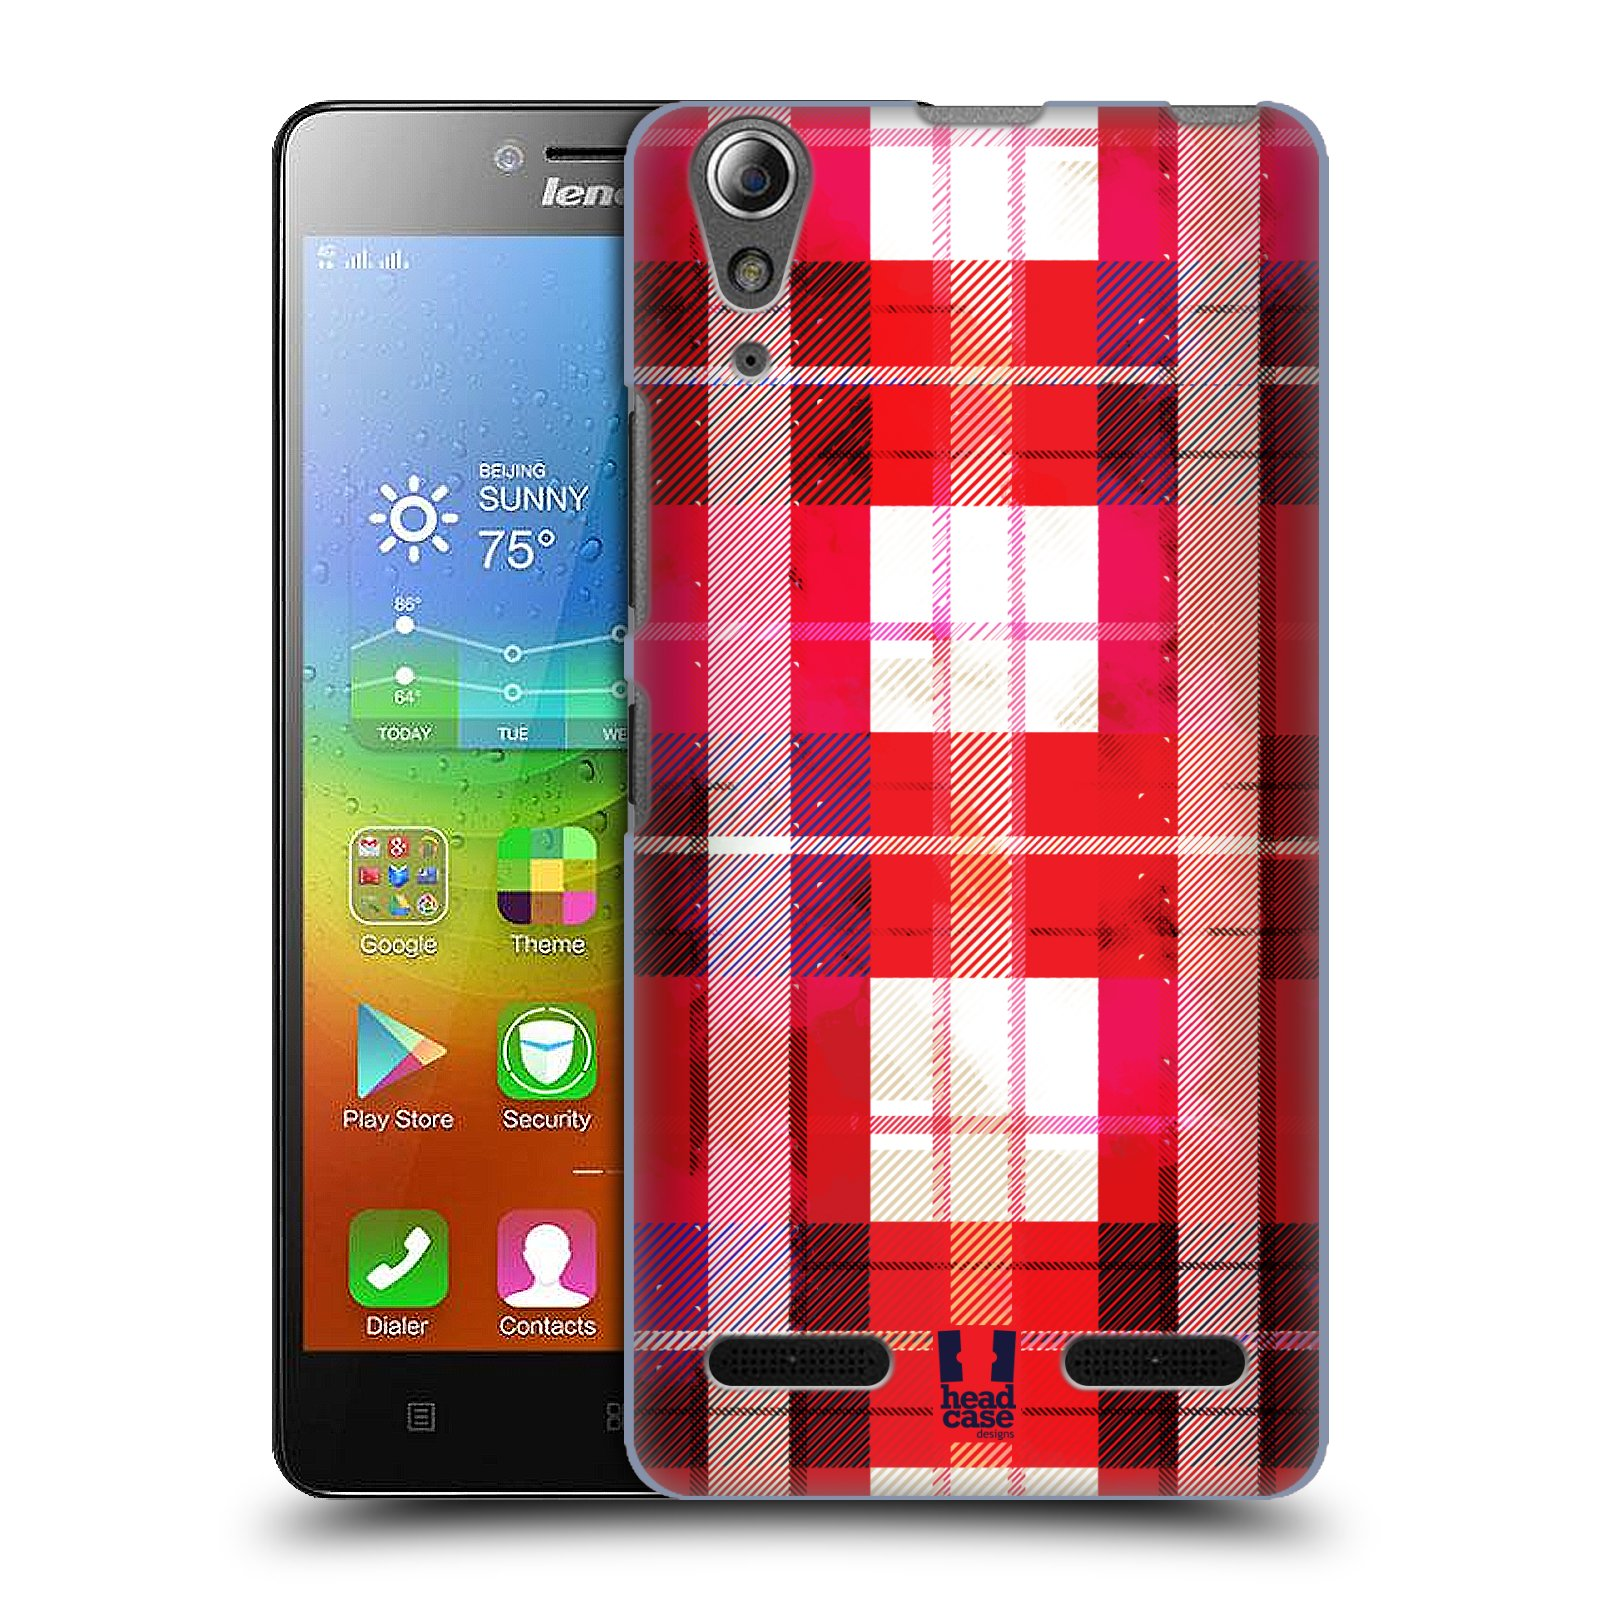 Plastové pouzdro na mobil Lenovo A6000 HEAD CASE FLANEL RED (Kryt či obal na mobilní telefon Lenovo A6000 / A6000 Plus)